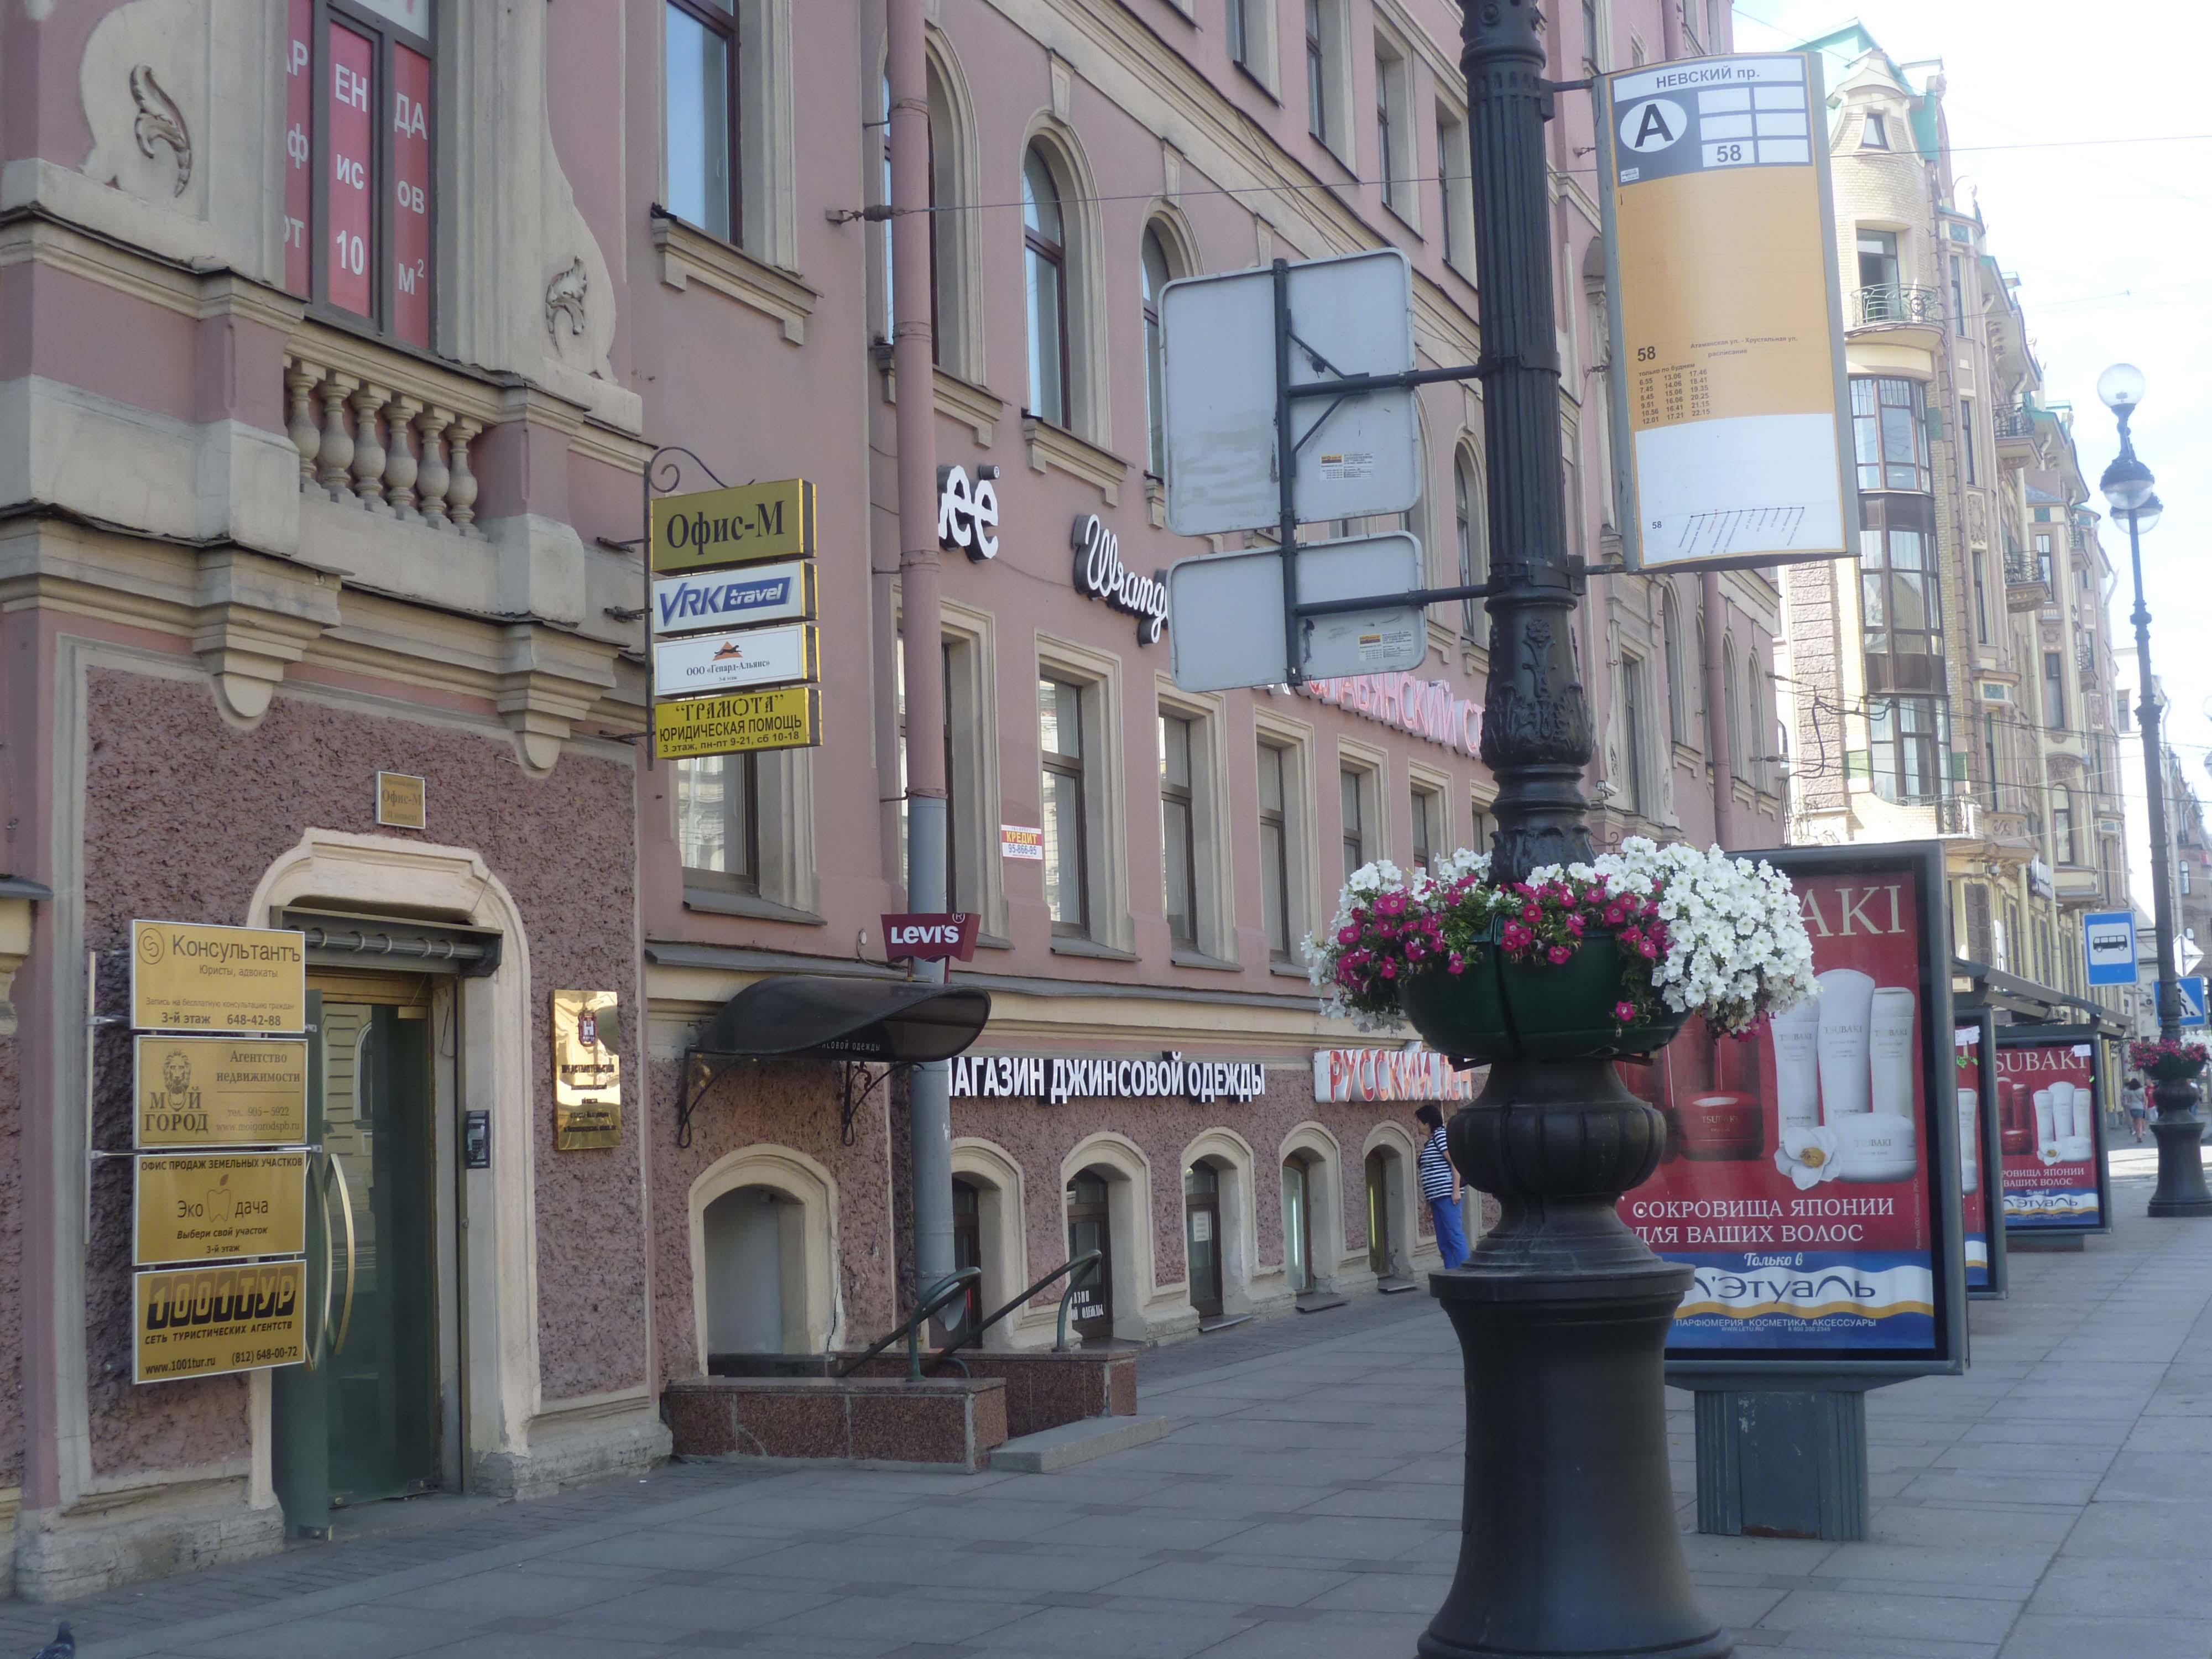 Офис компании в Санкт-Петербурге